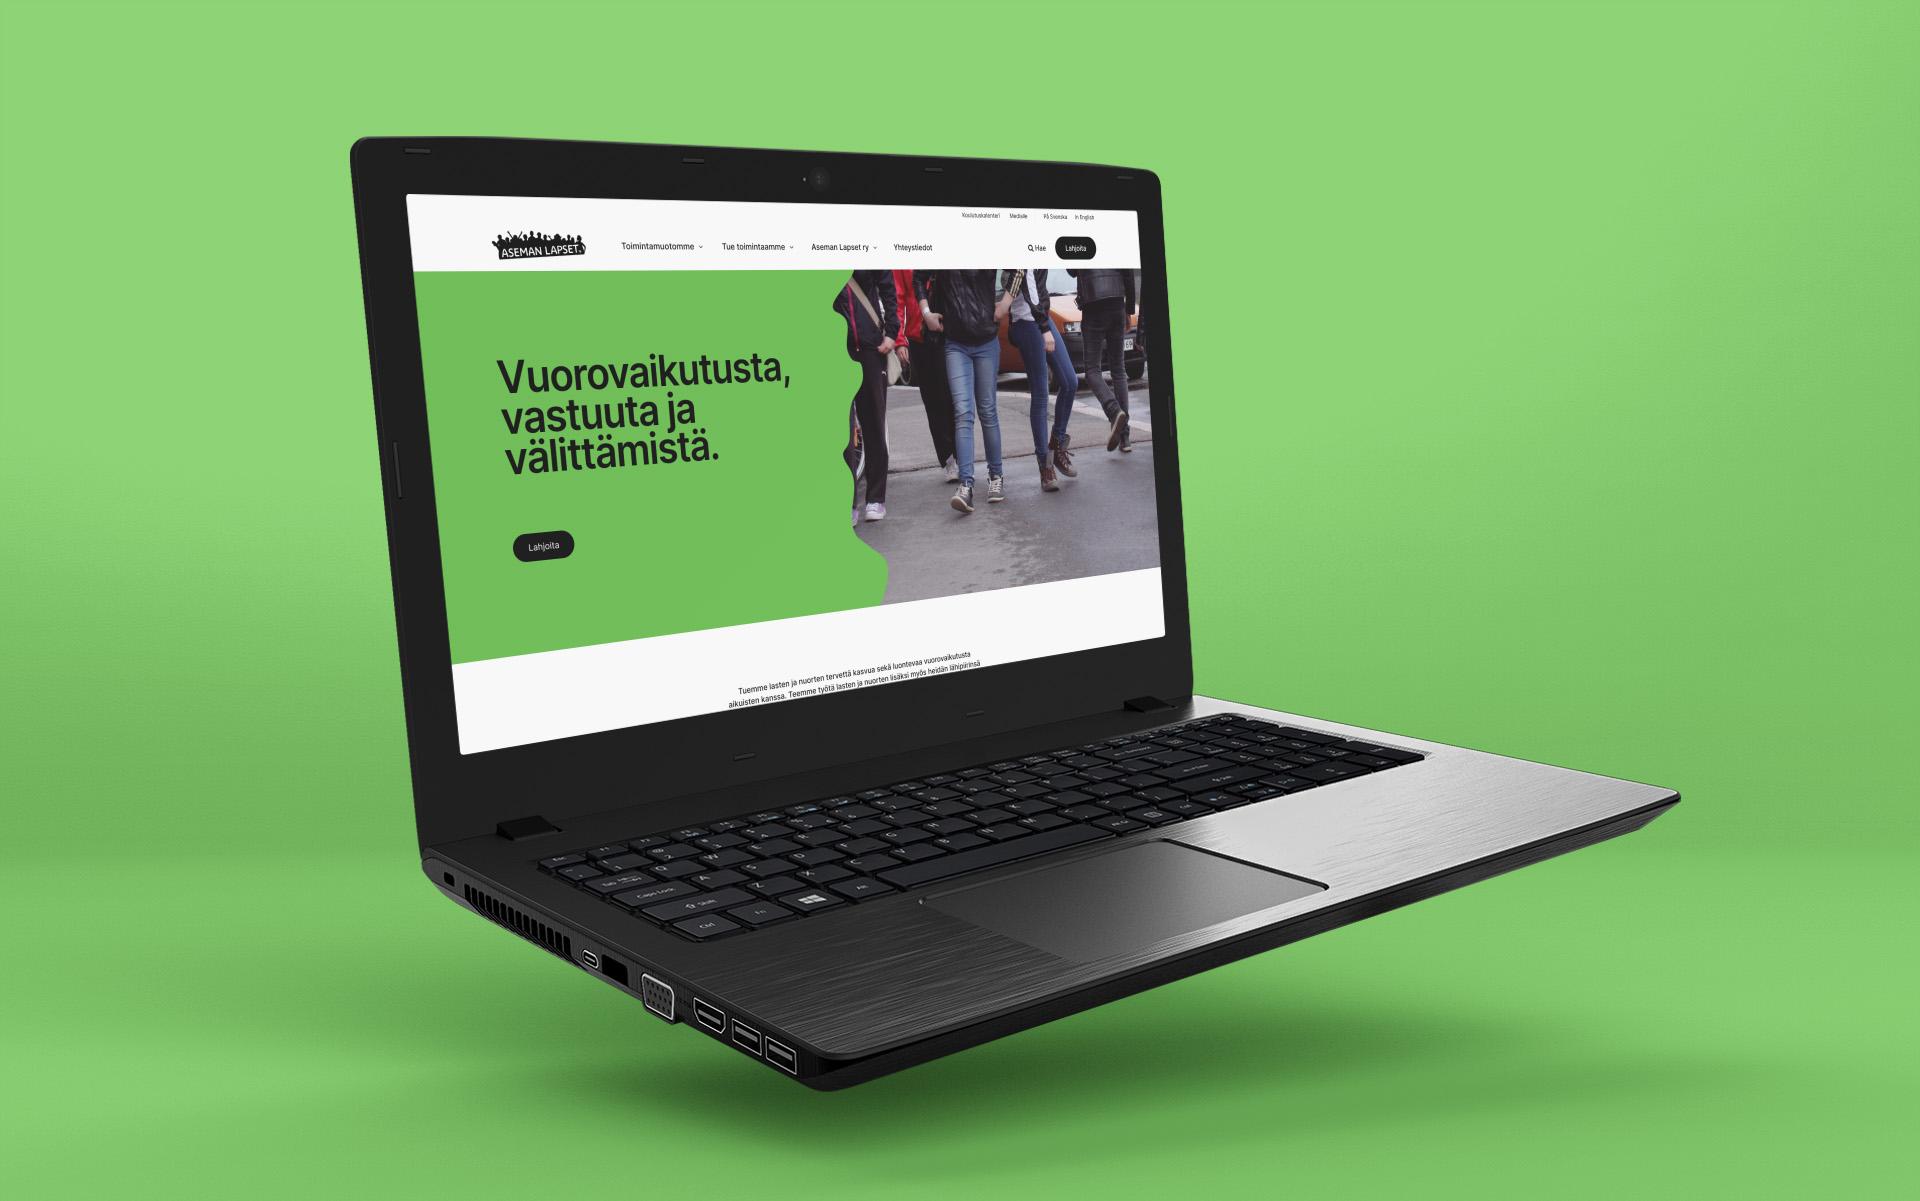 Aseman Lapset sivuston etusivu kannettavan tietokoneen näytöllä.